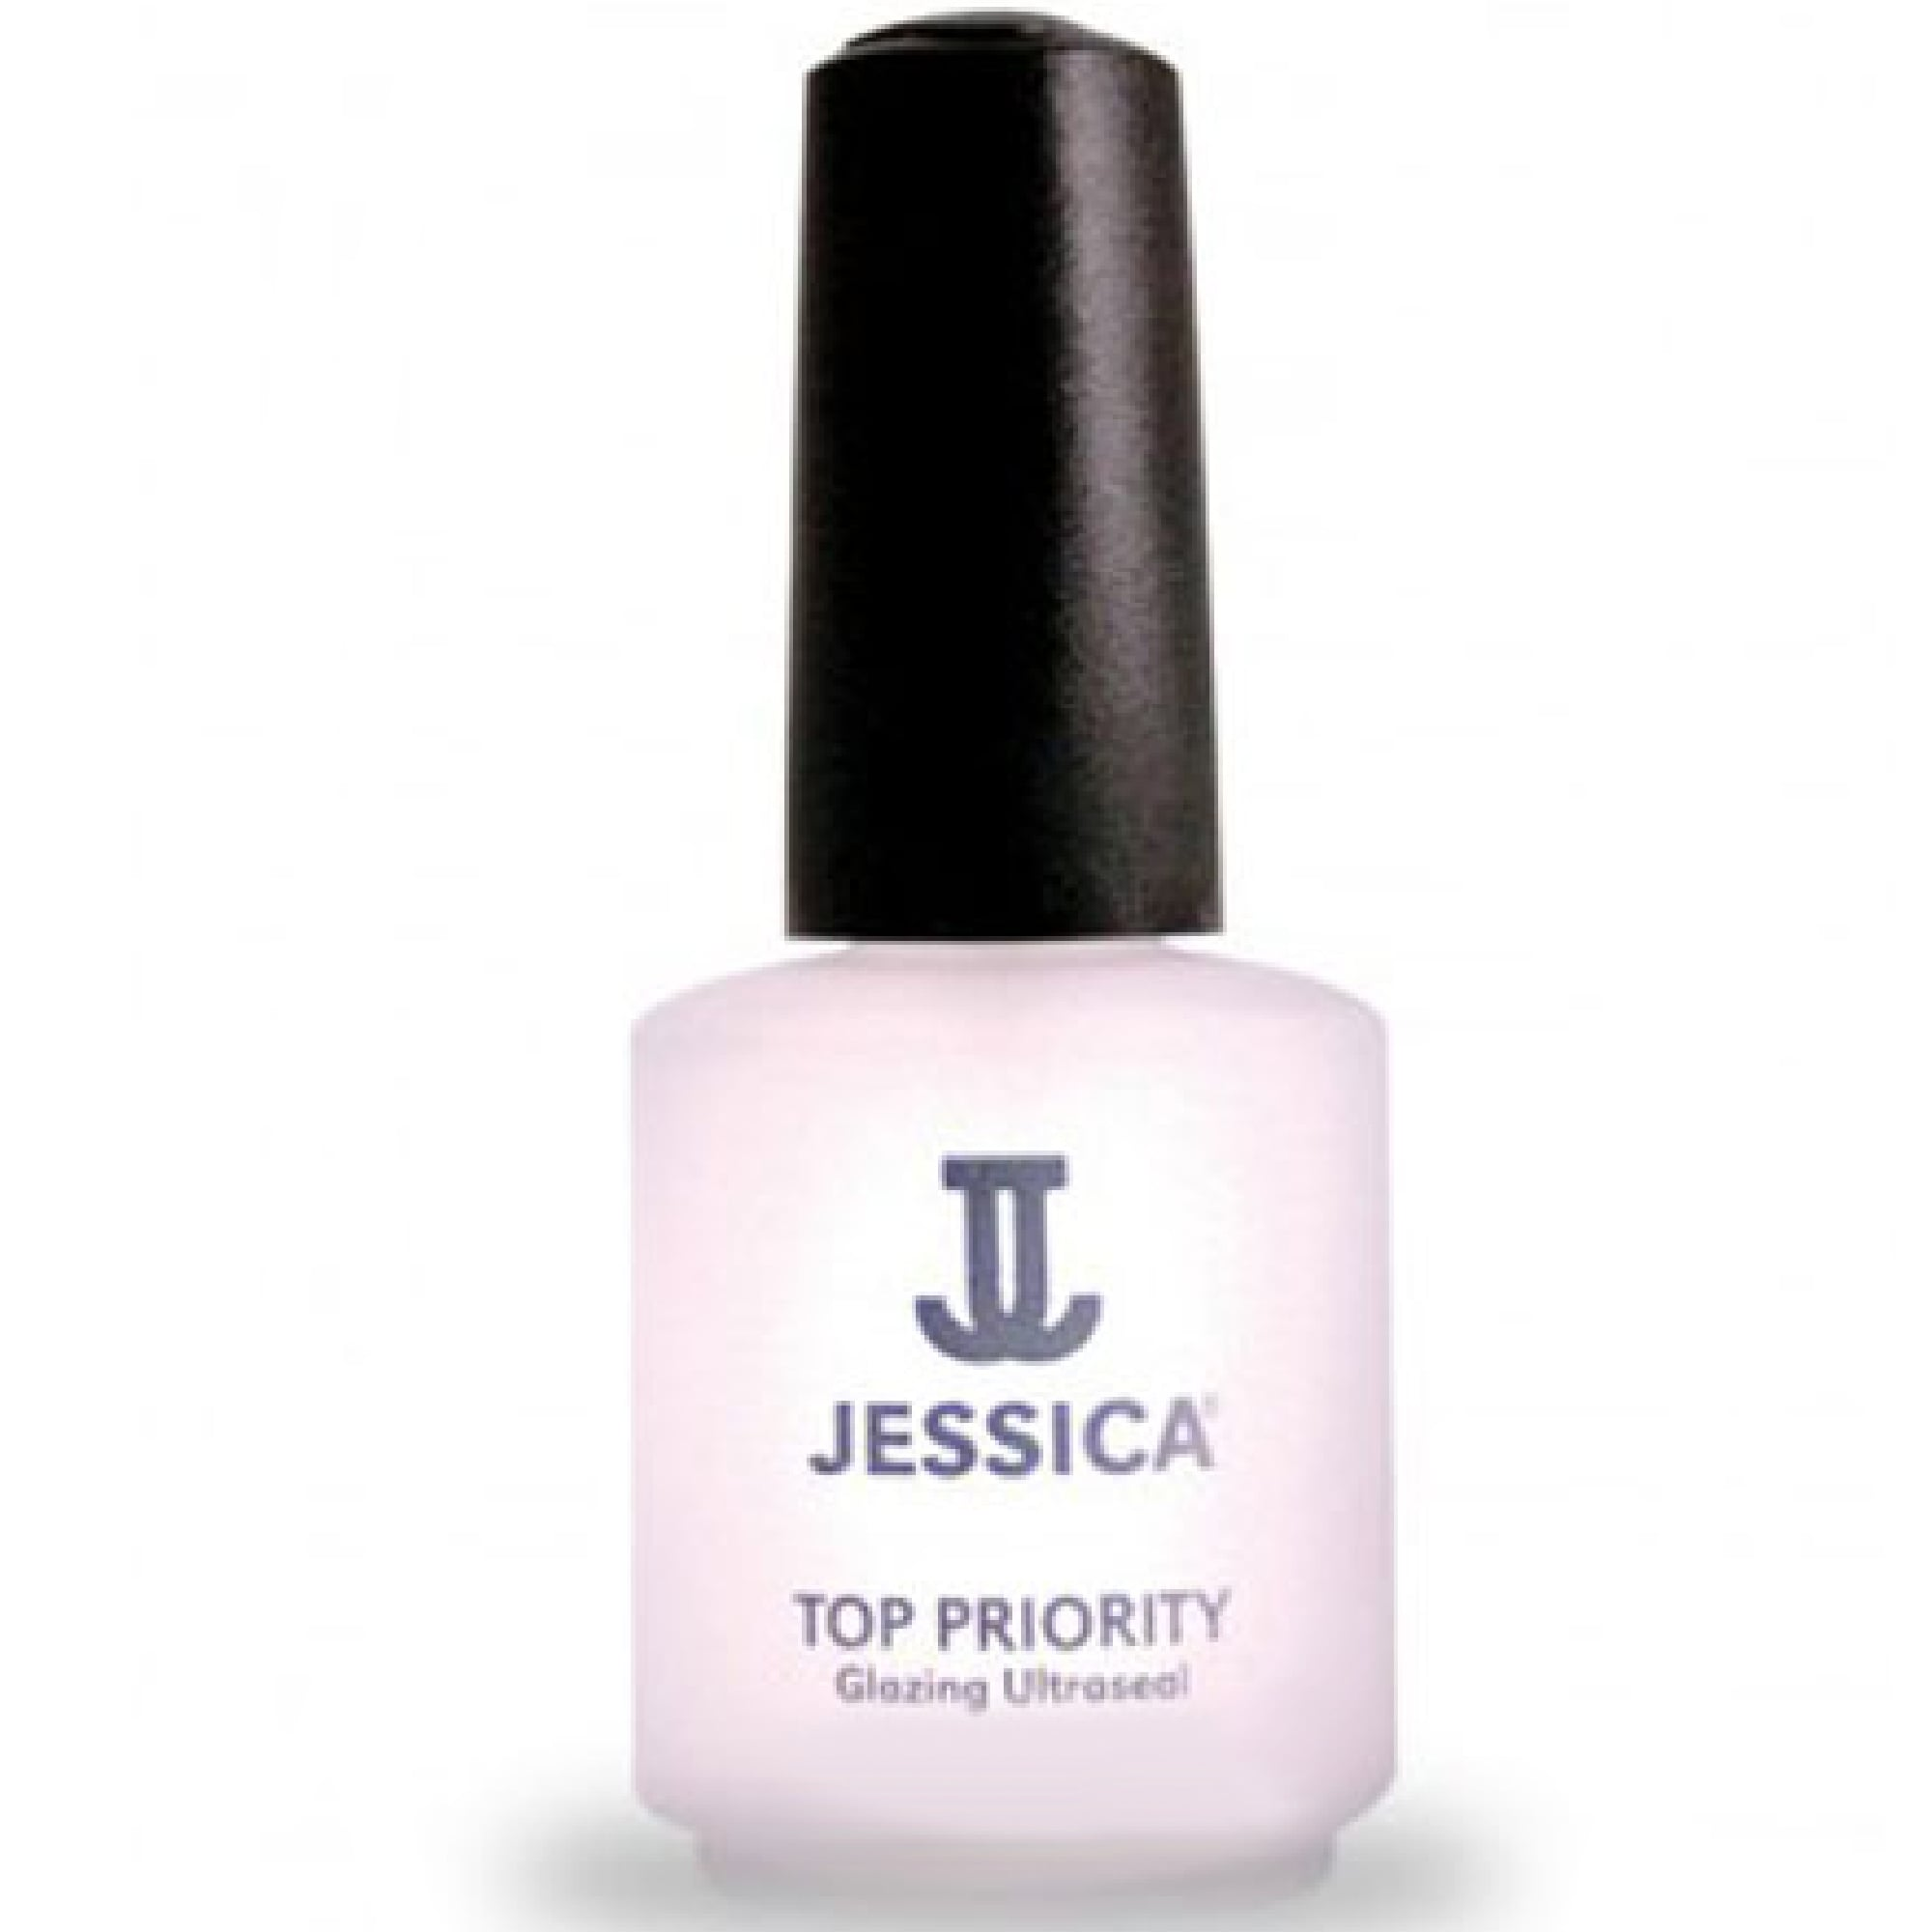 Jessica Nail Care Nail Polish | Nail Treatments